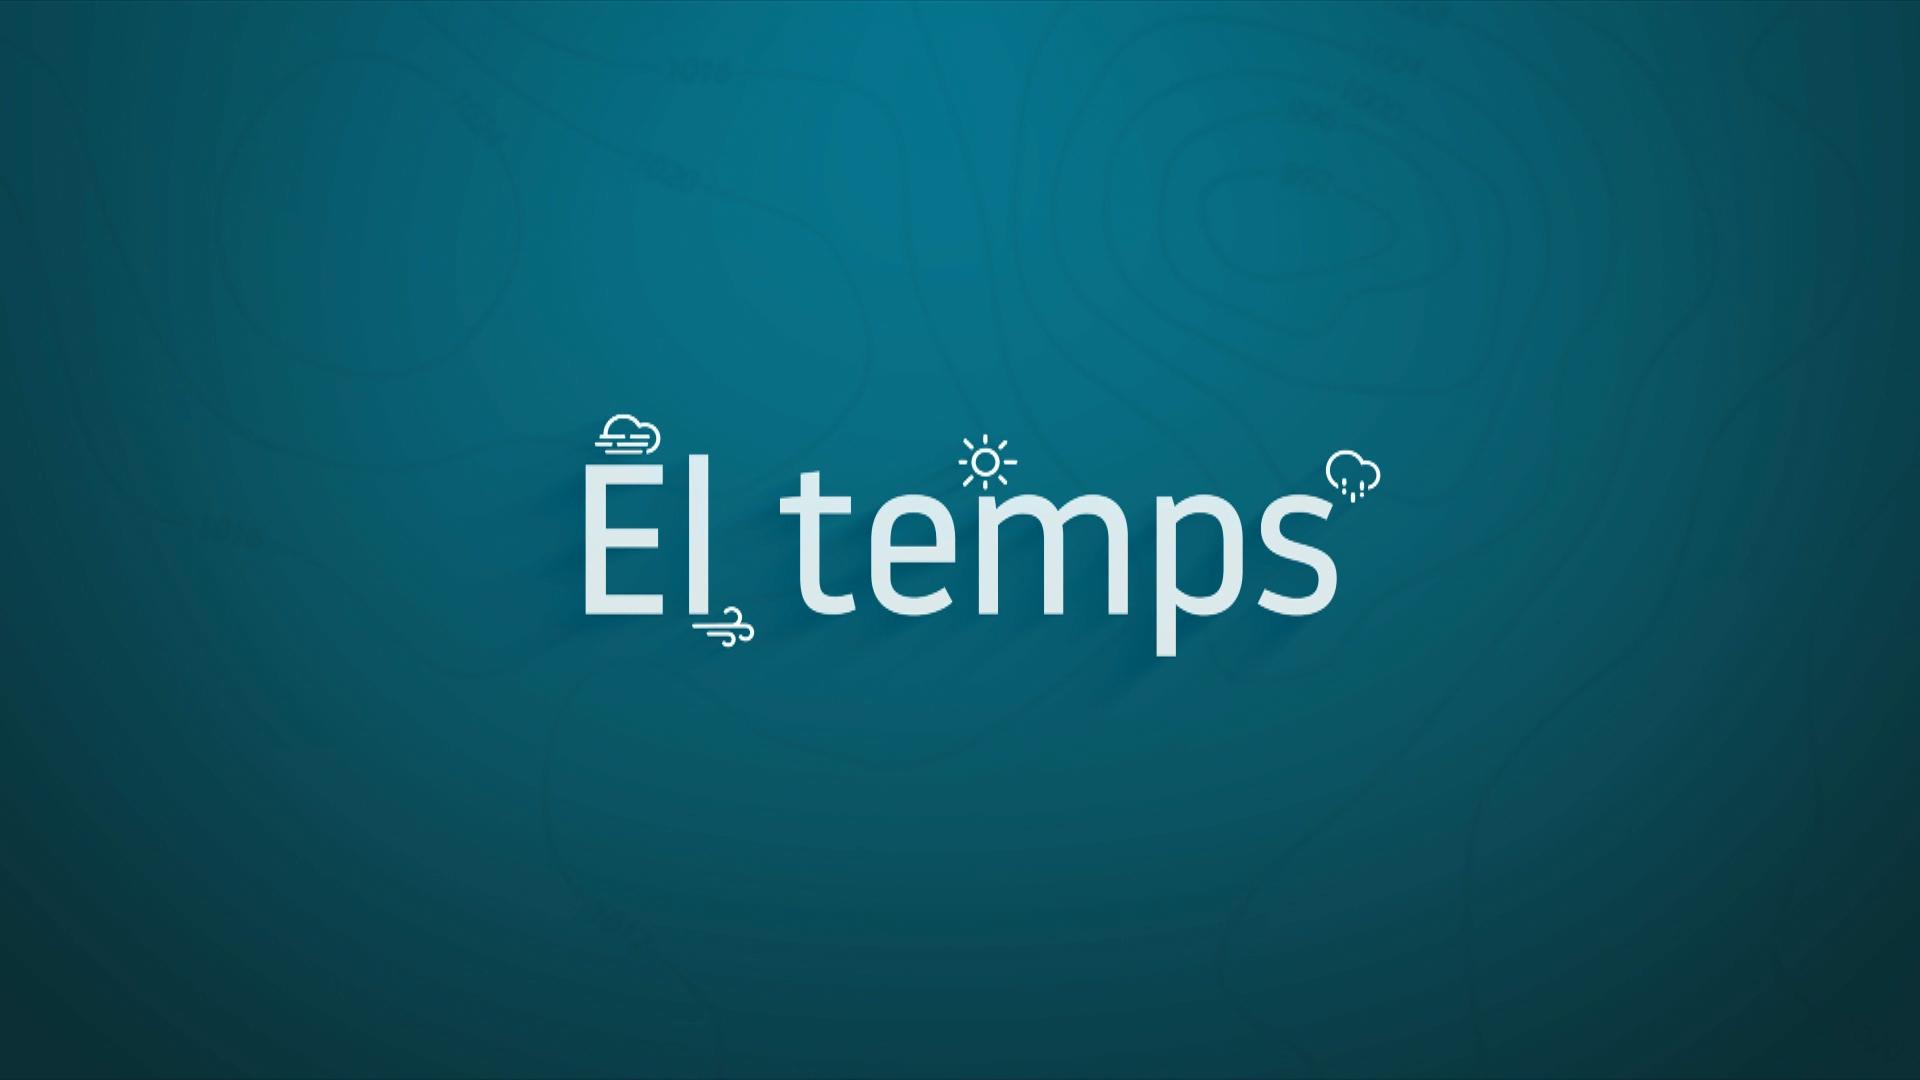 El+Temps+Vespre+04-08-2021